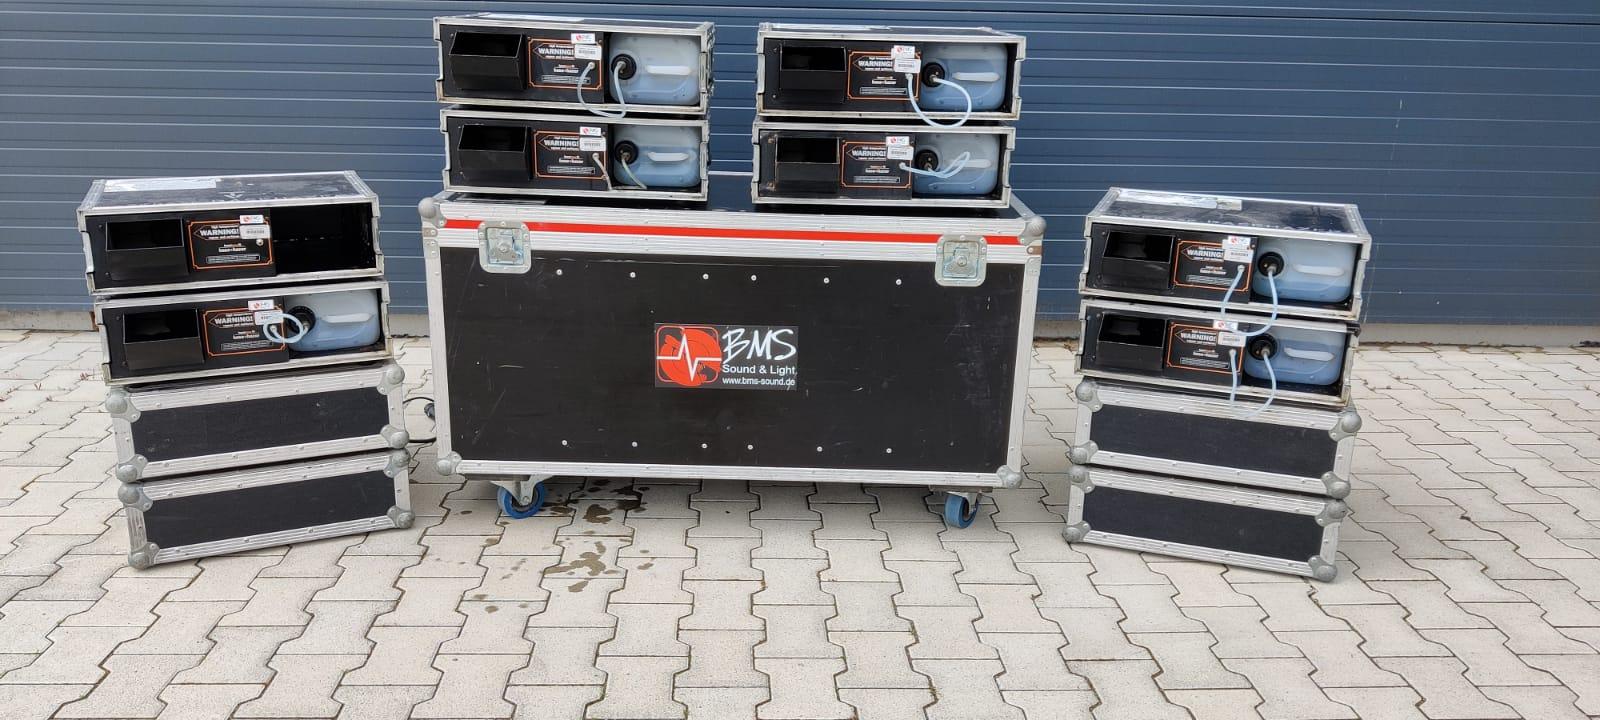 BMS Veranstaltungstechnik - HazeBase